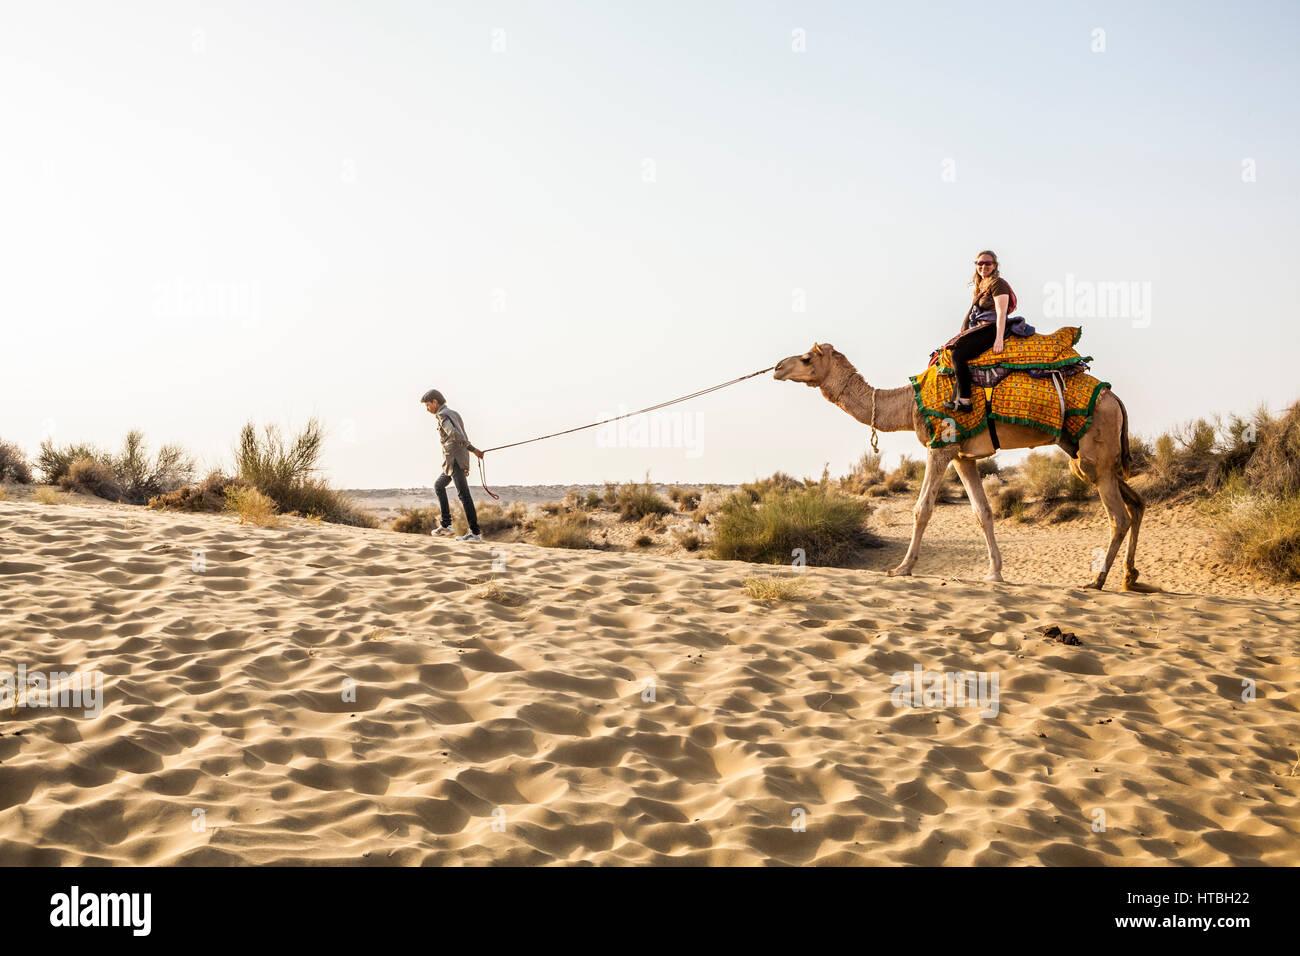 Eine Frau, ein Kamel, angeführt von ihrem Kamel Fahrer in der Thar-Wüste von Westindien in der Nähe Stockbild